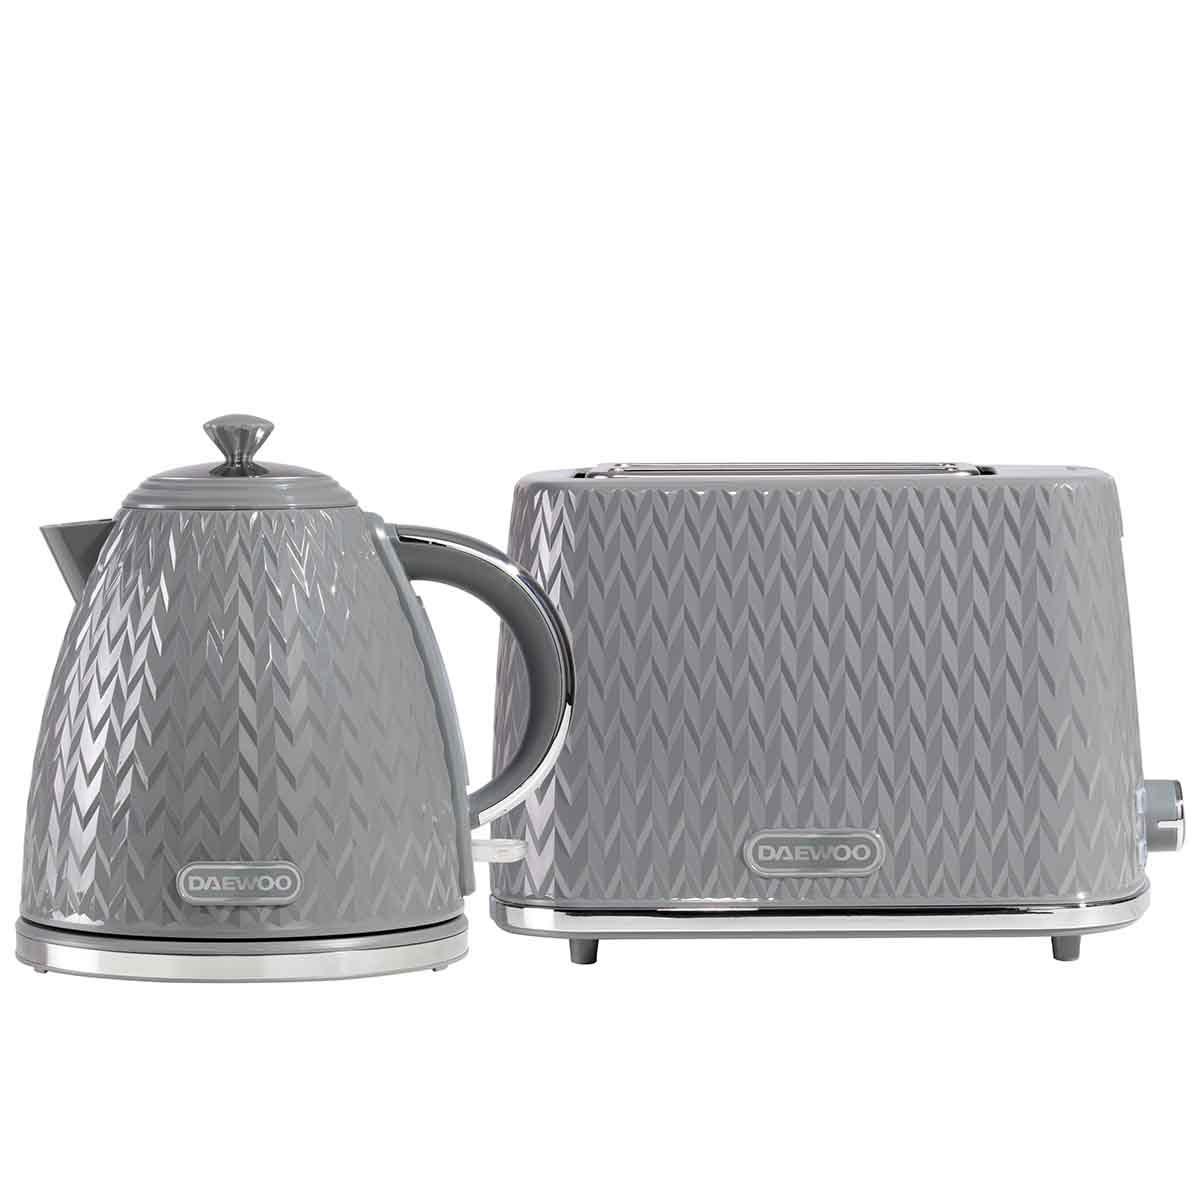 Daewoo SDA2390DS Argyle 1.7L 3KW Jug Kettle and 2 Slice Toaster Set - Dark Grey